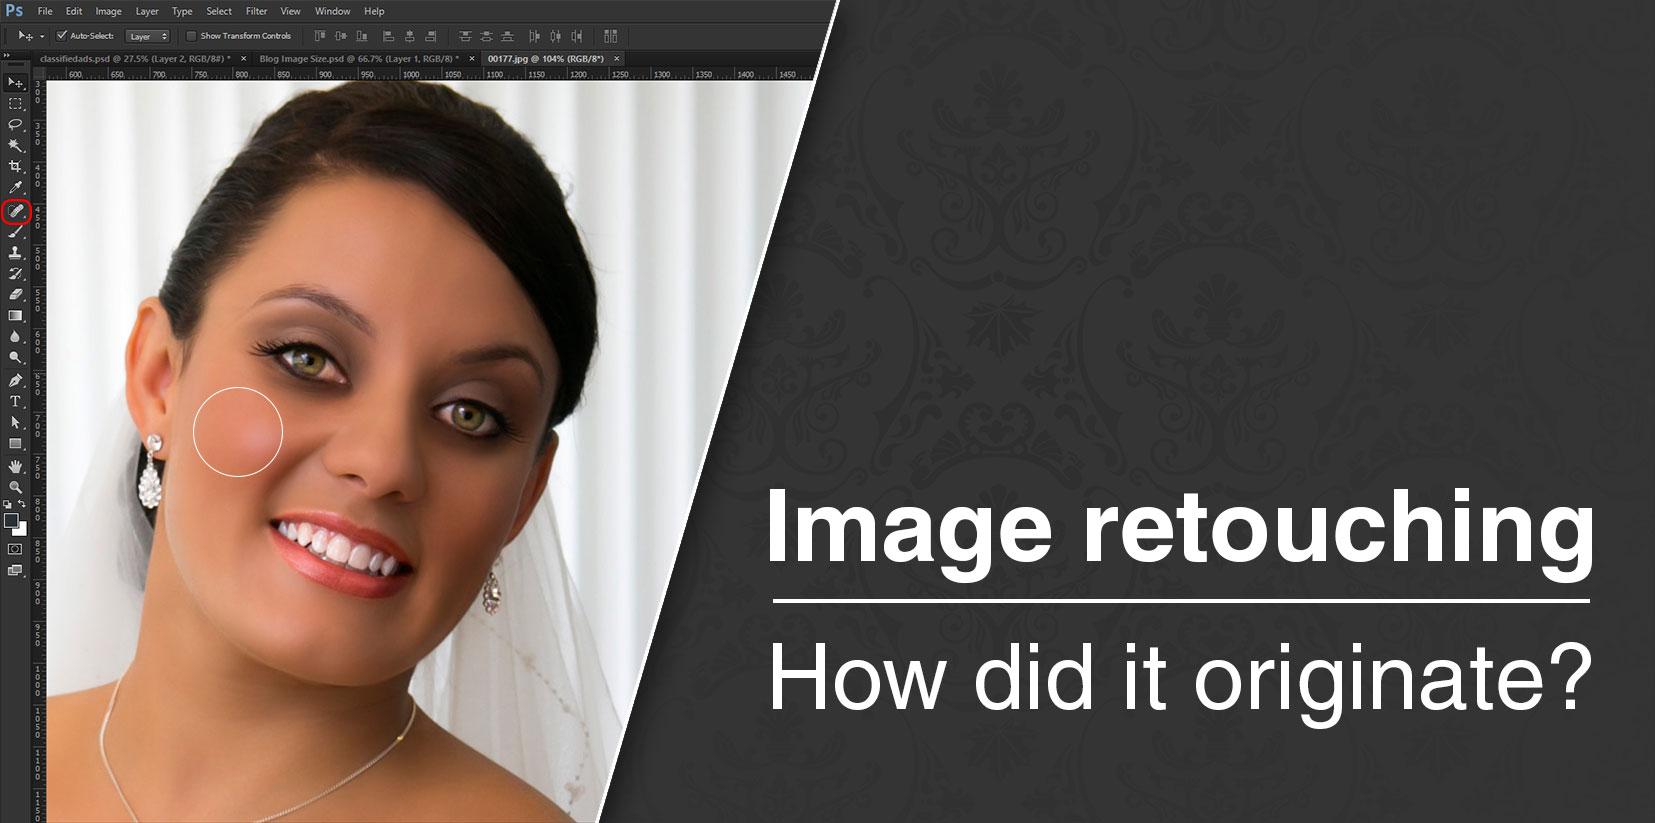 image-retouching-how-did-it-originate